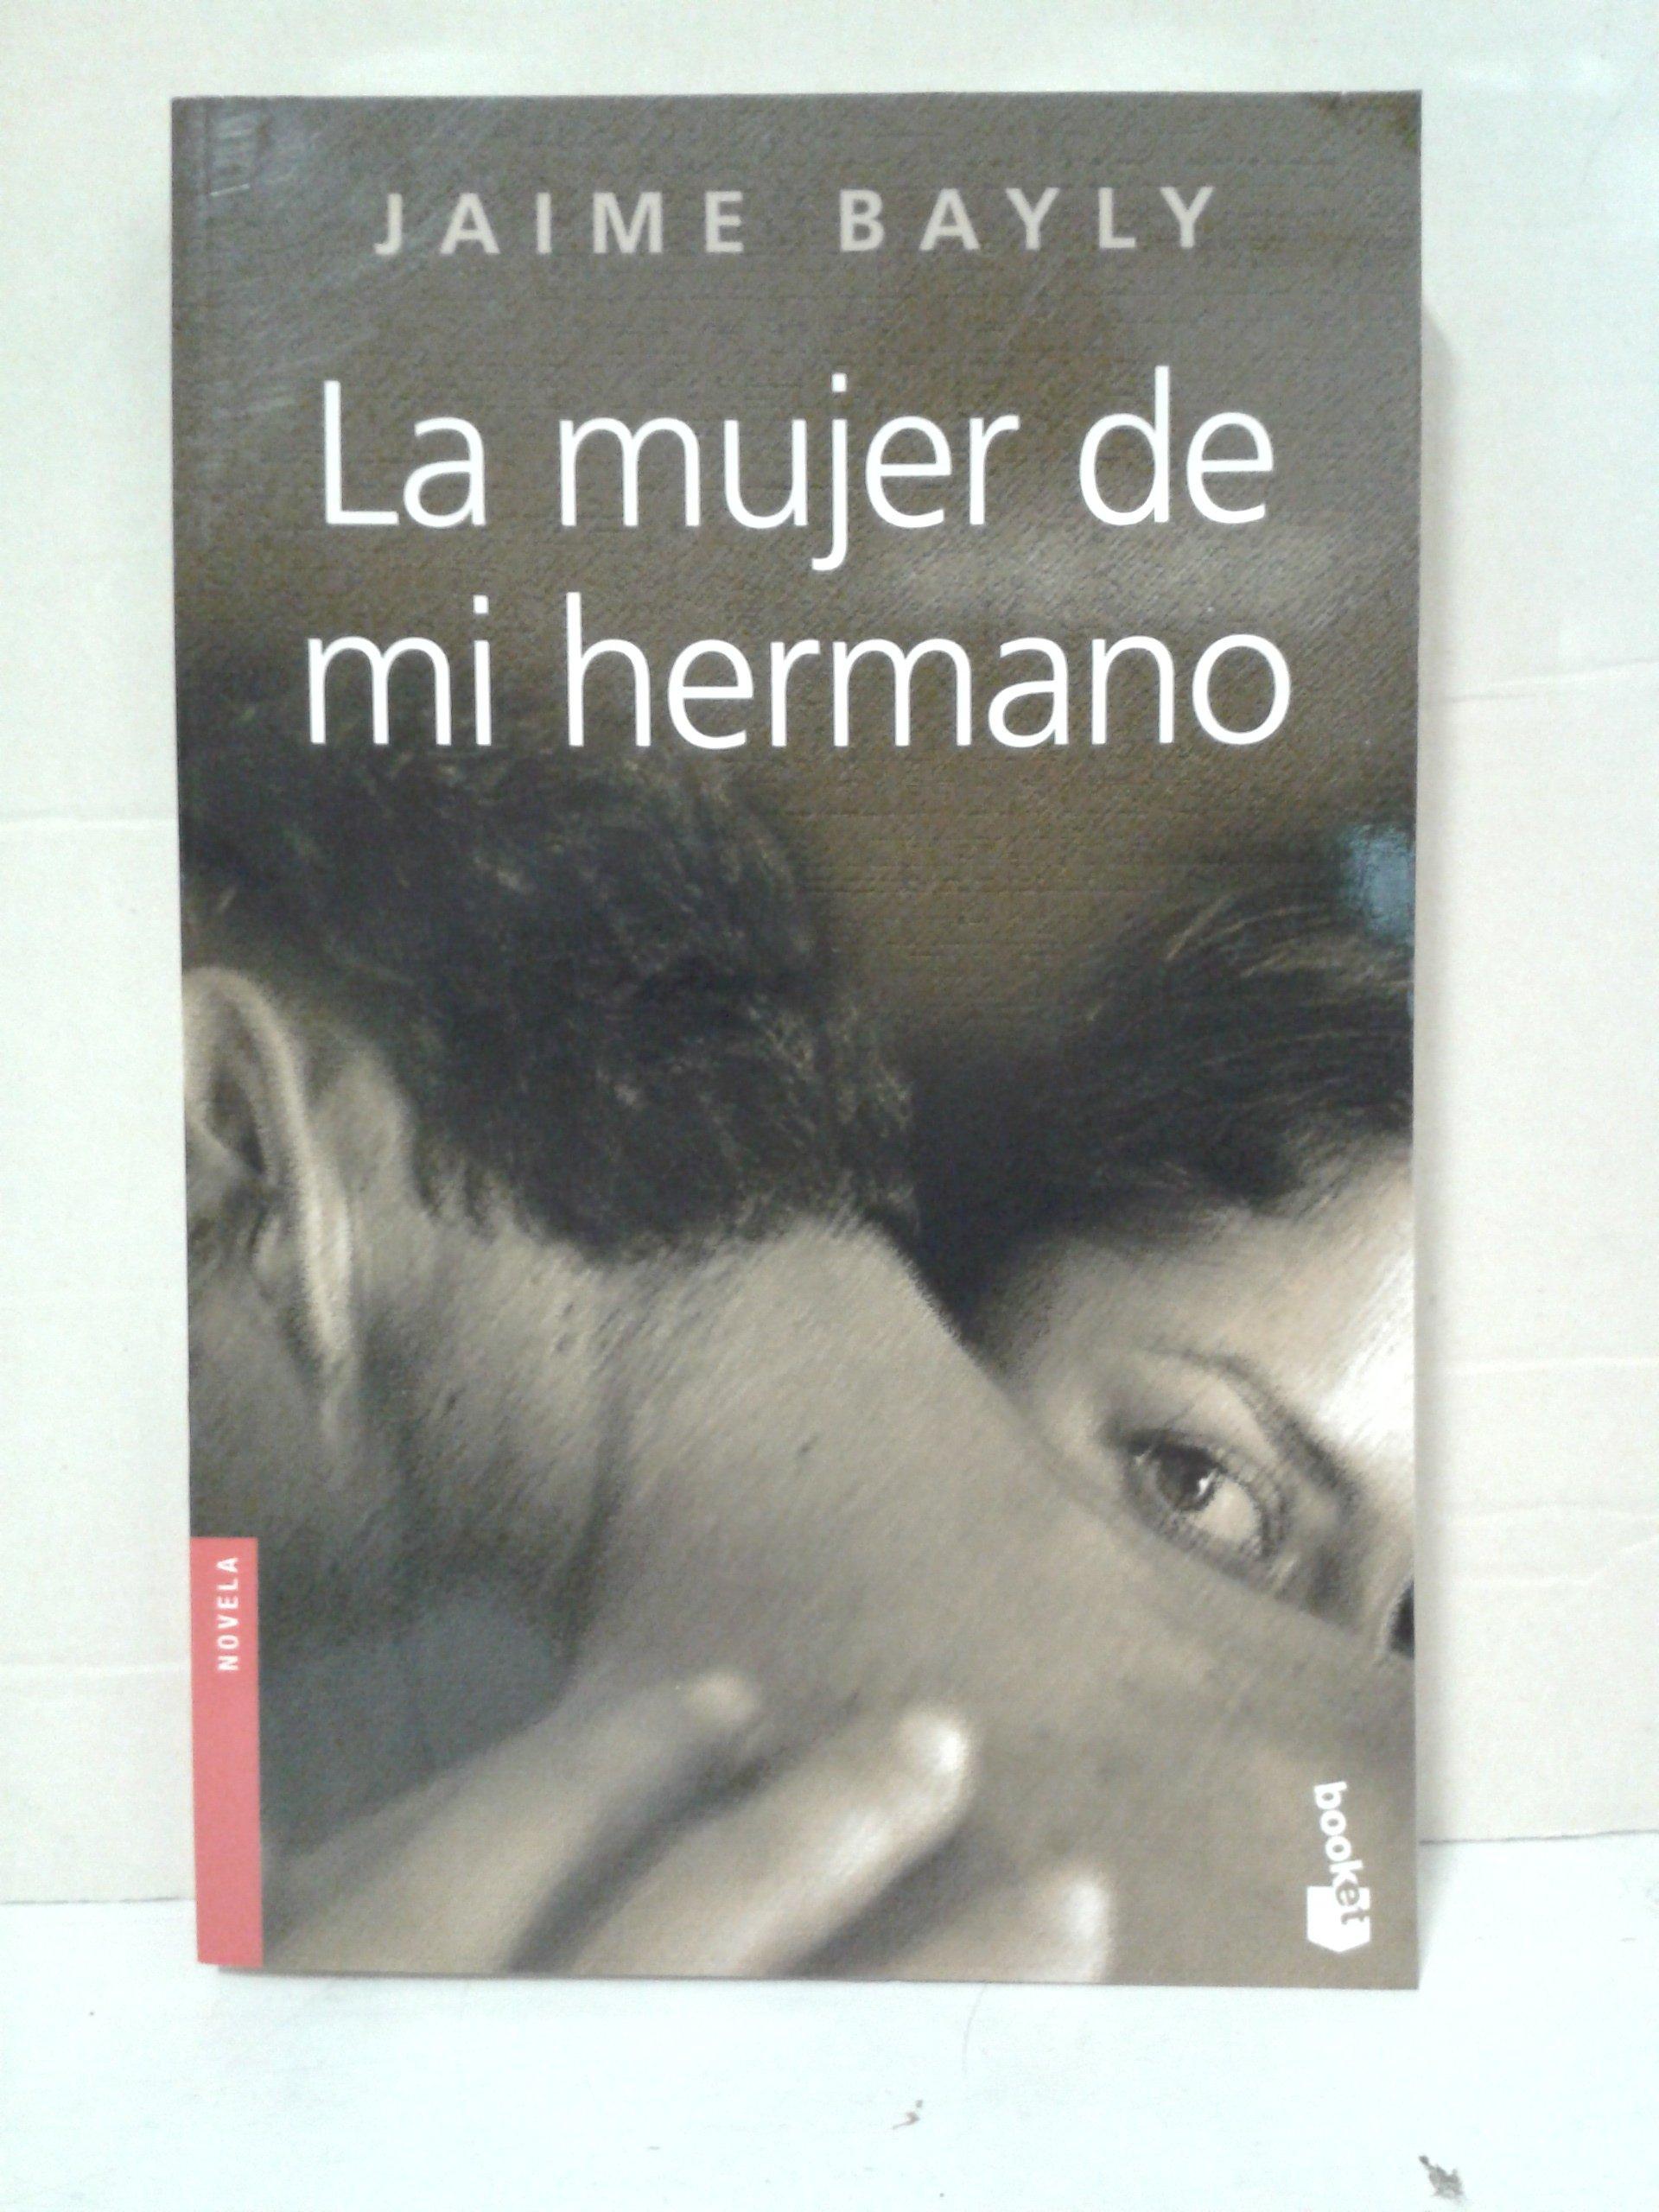 Mujer De Mi Hermano La Jaime Bayly 9788408067405 Amazon Com Books Es escritor, periodista y personalidad de televisión. amazon com